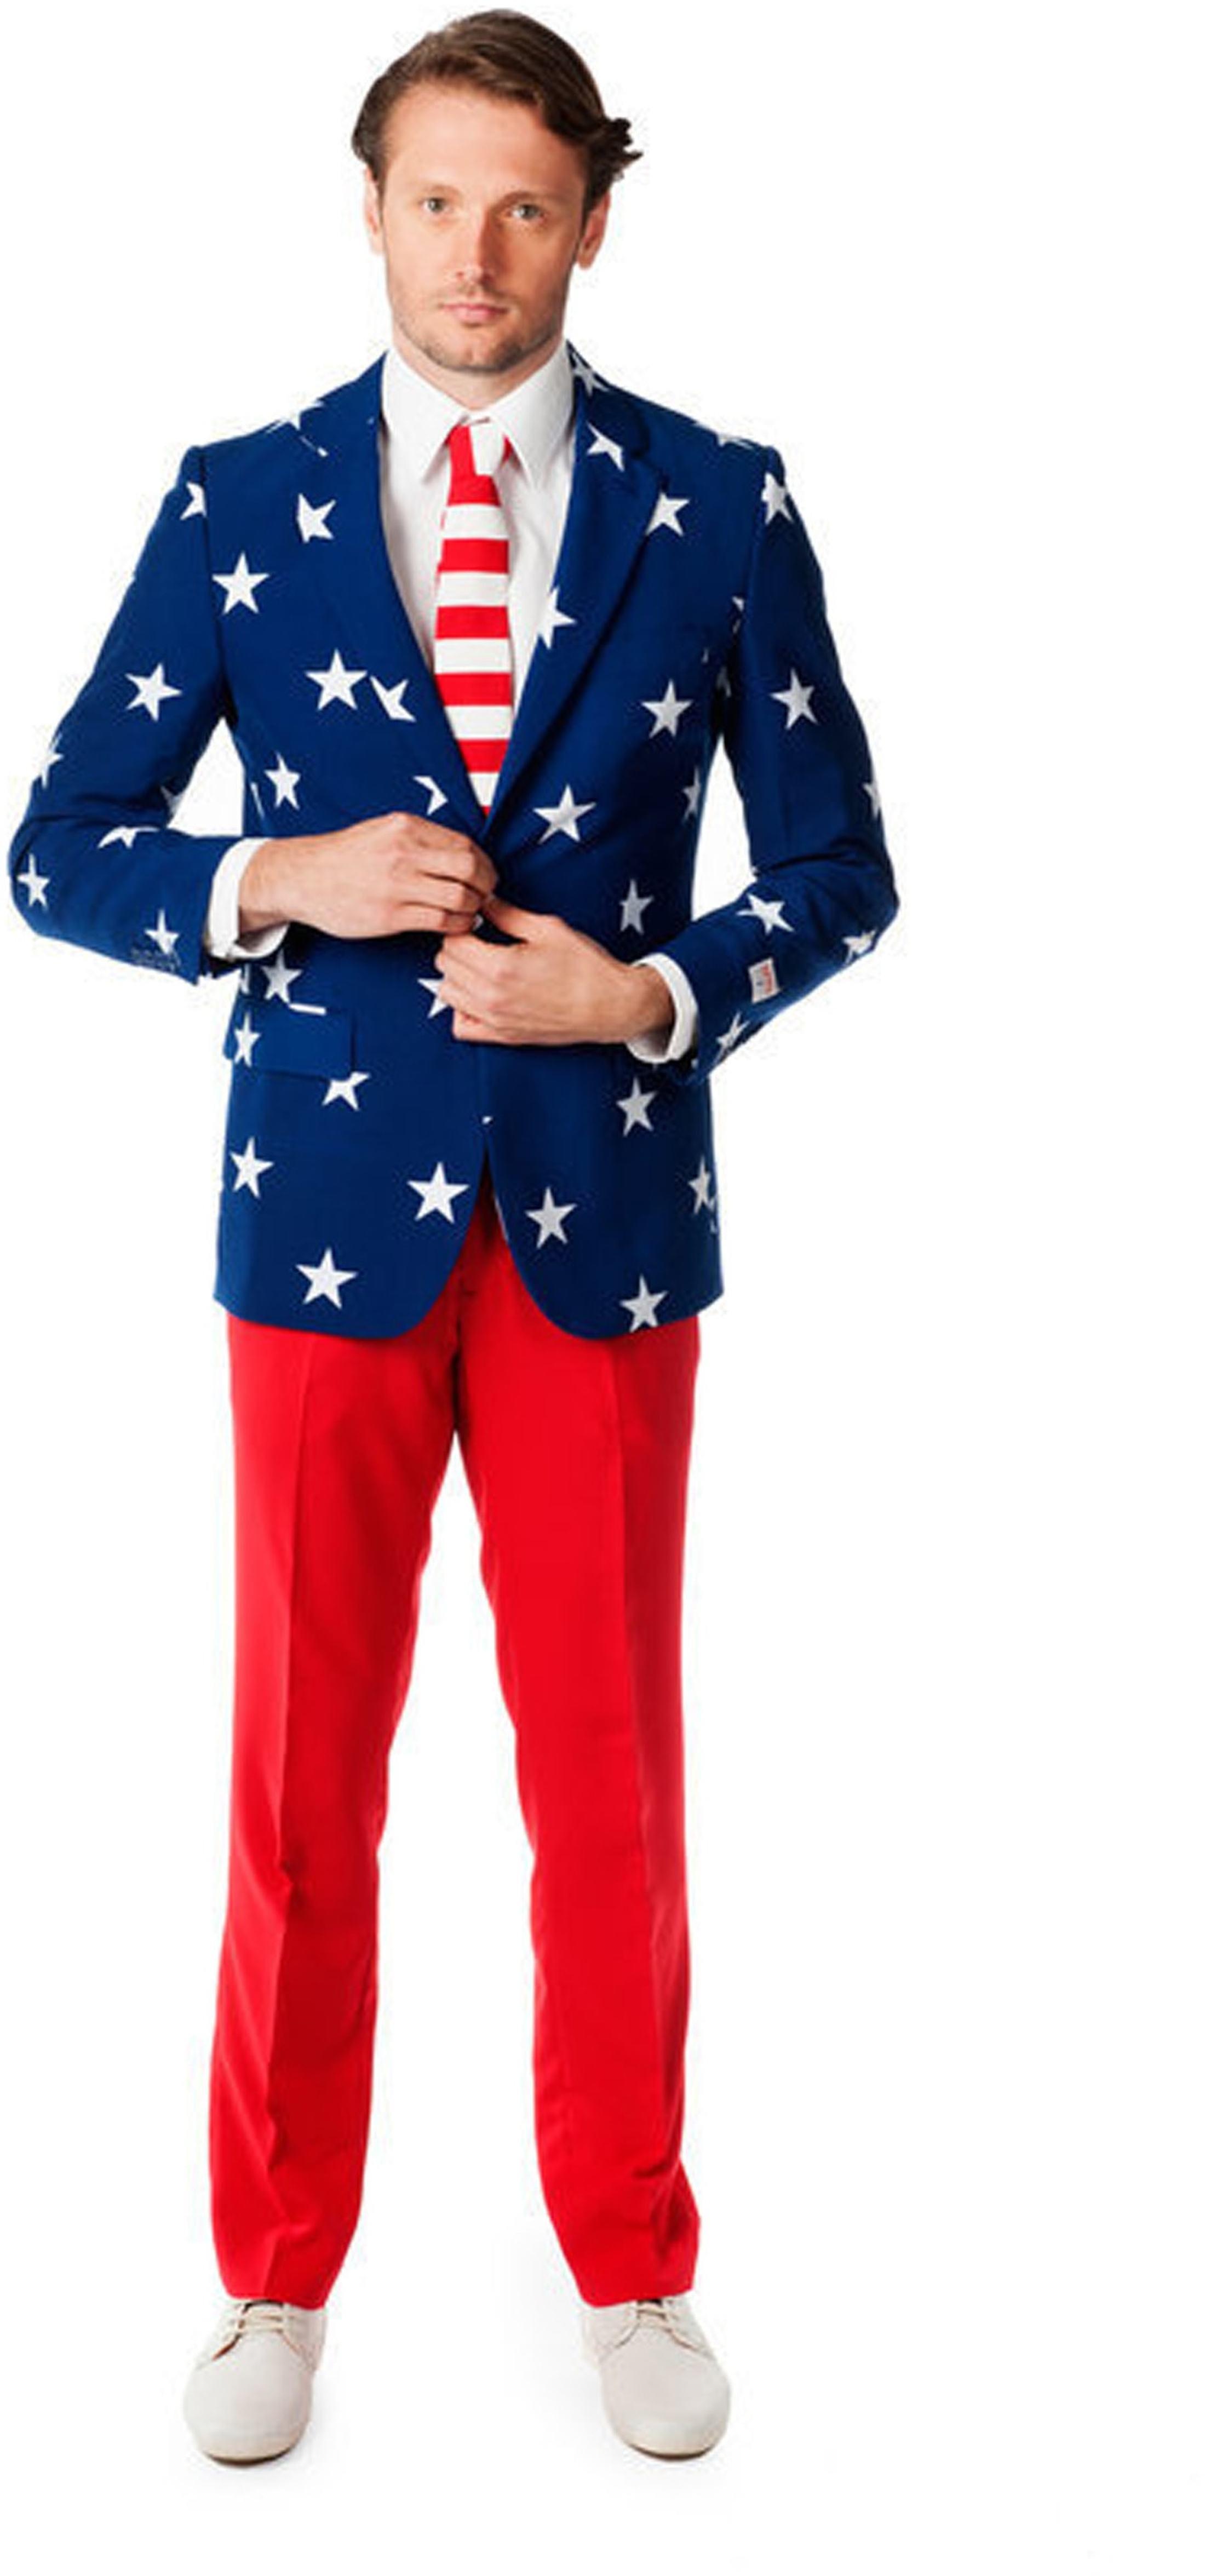 OppoSuits Stars and Stripes Kostüm foto 0